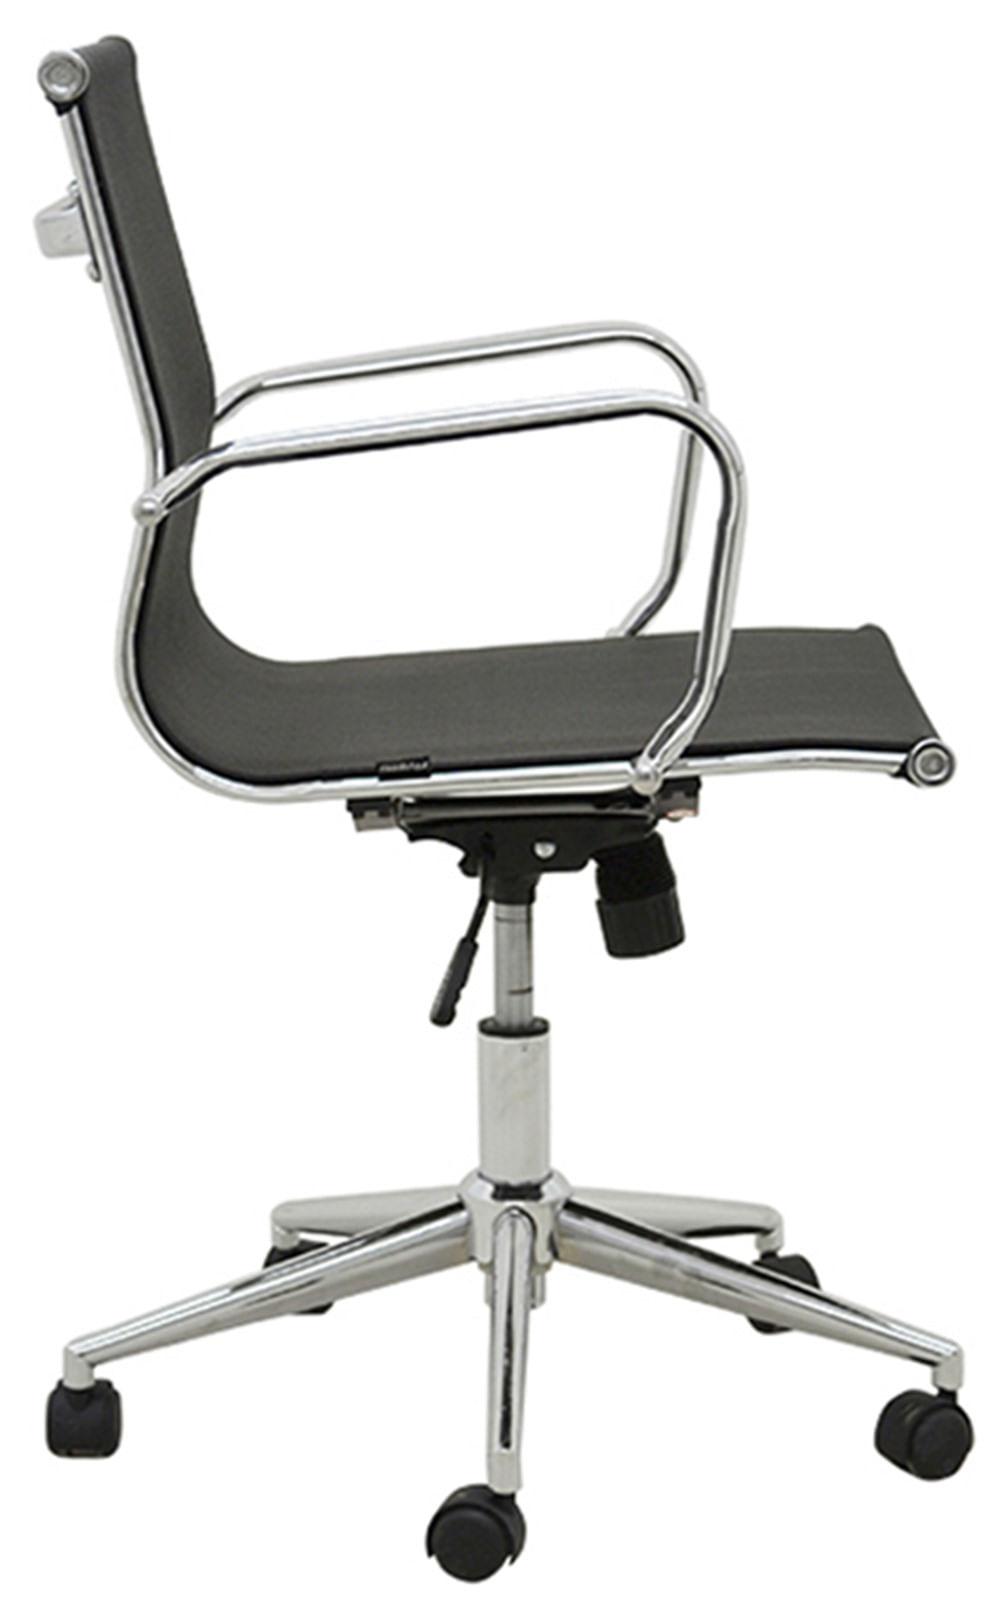 Cadeira Sevilha Eames Baixa Cromada Tela Preta - 38053